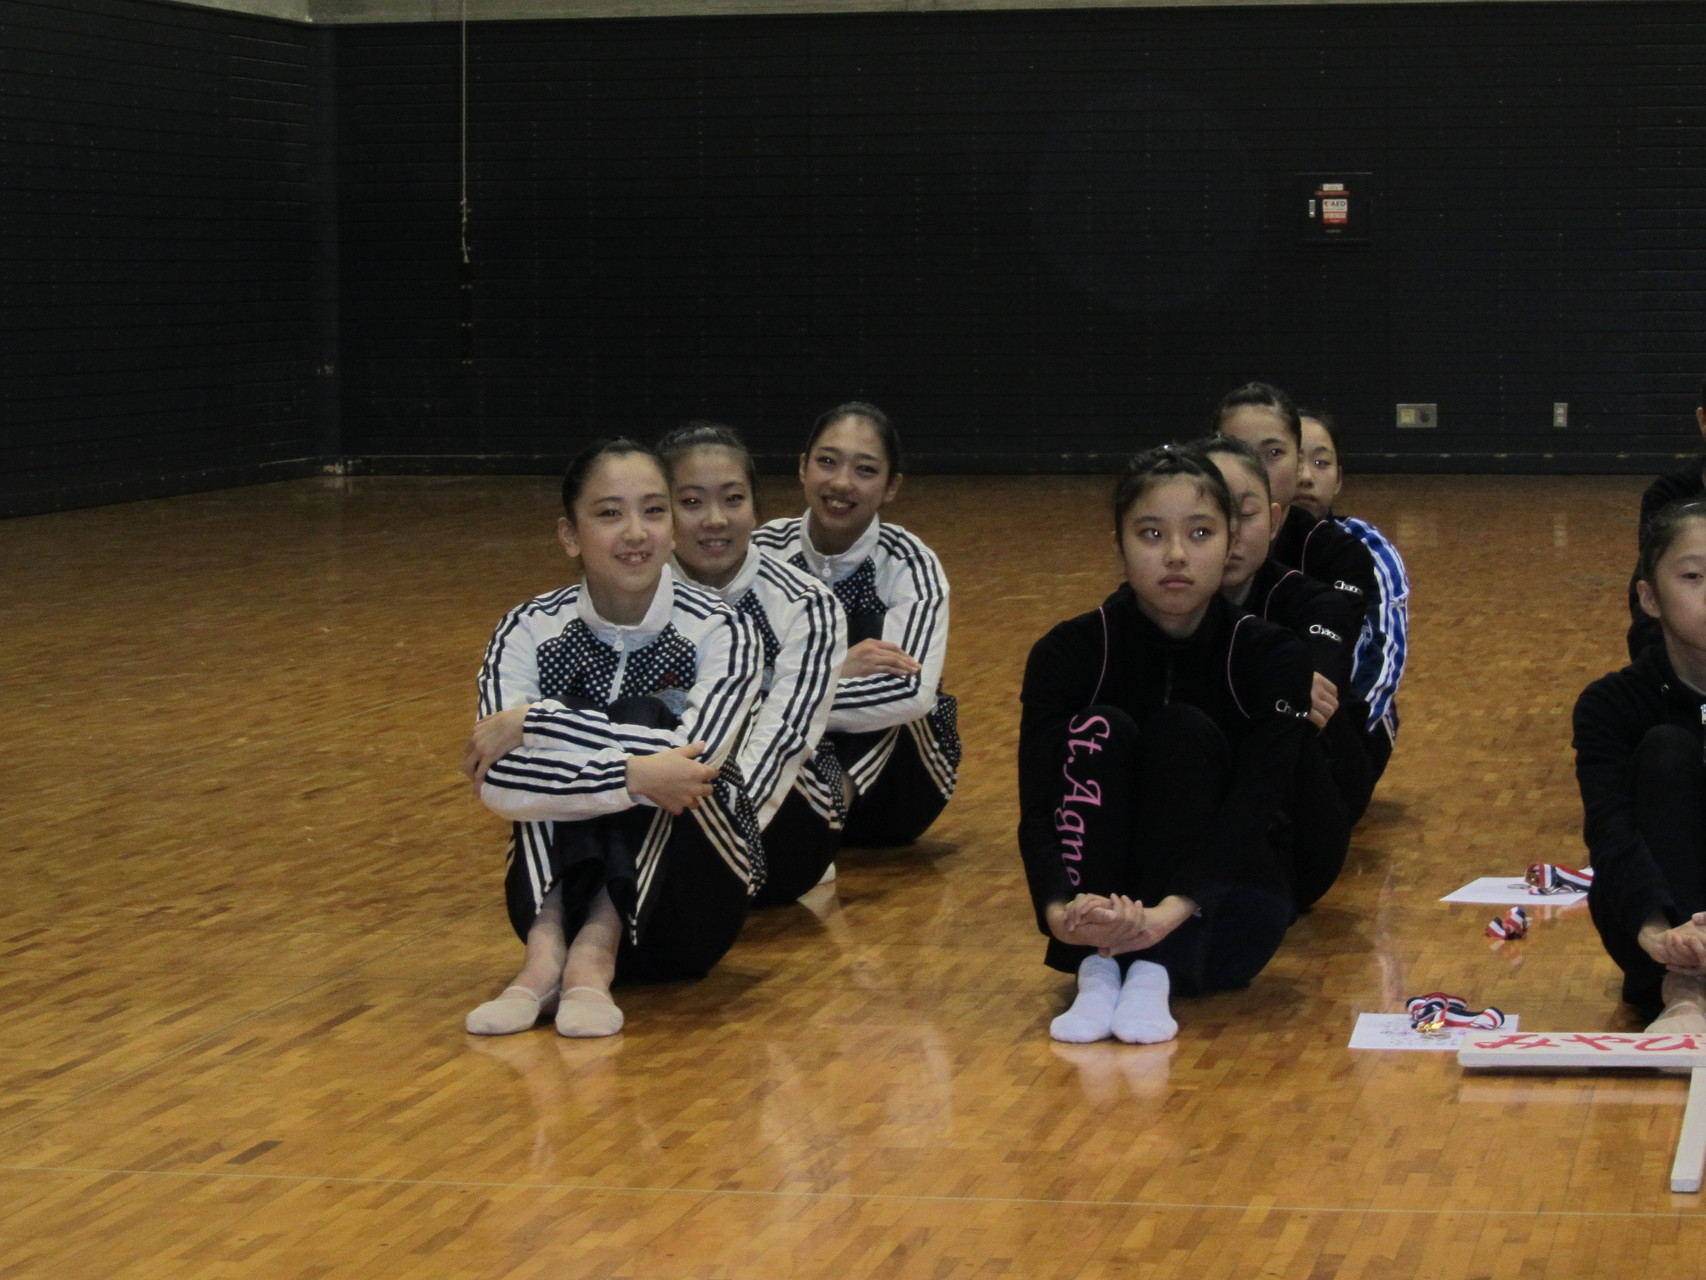 第2回京都新体操クラブ選手権 表彰式